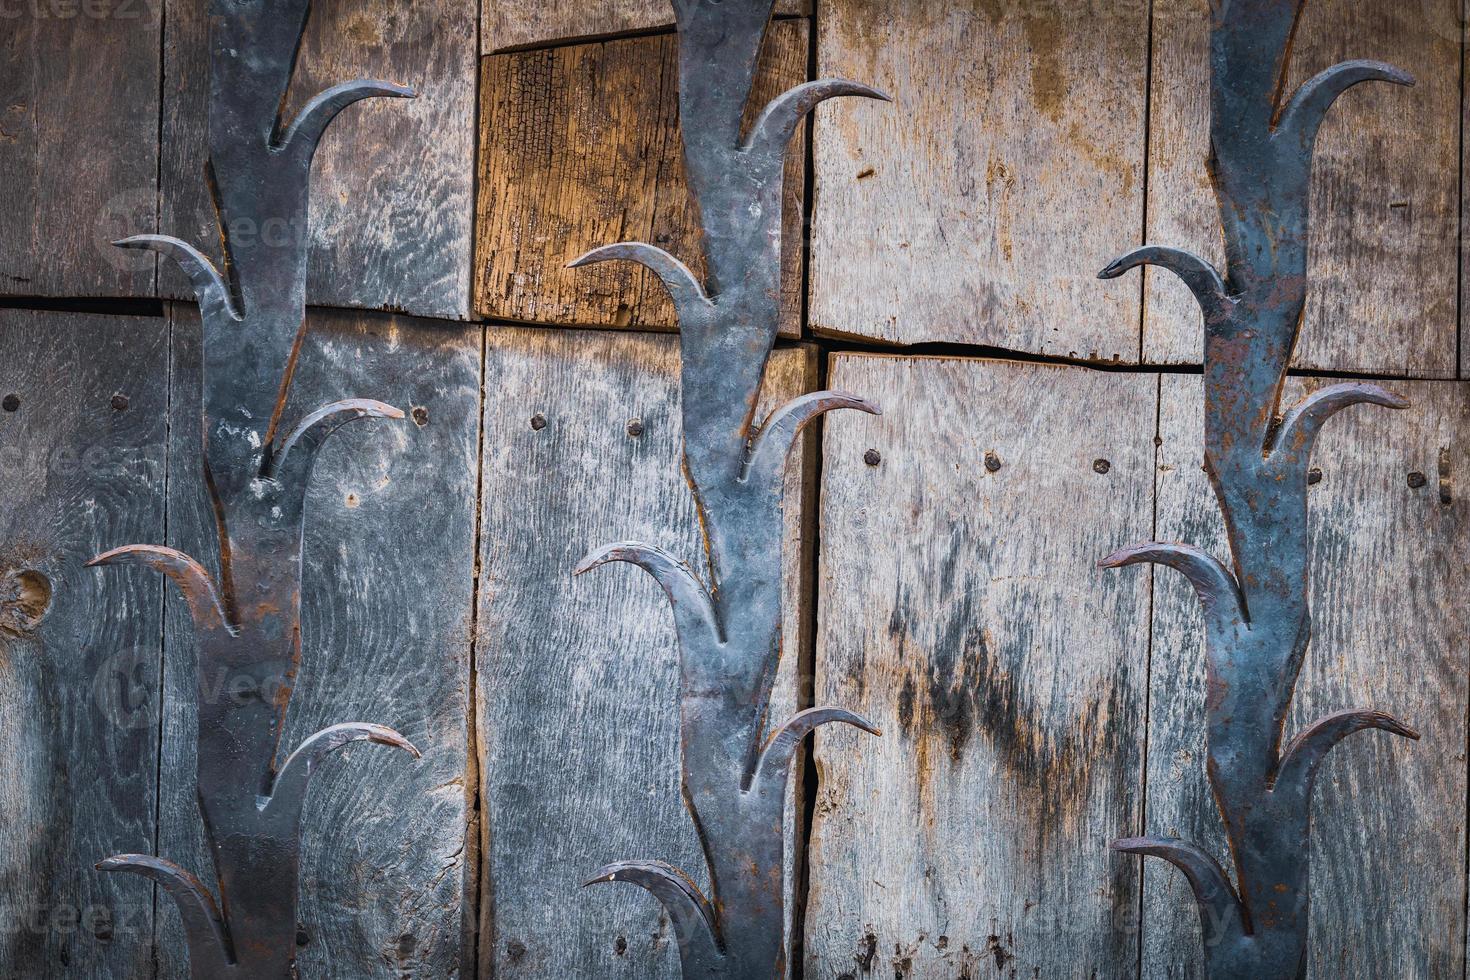 detalj av en antik trädörr foto